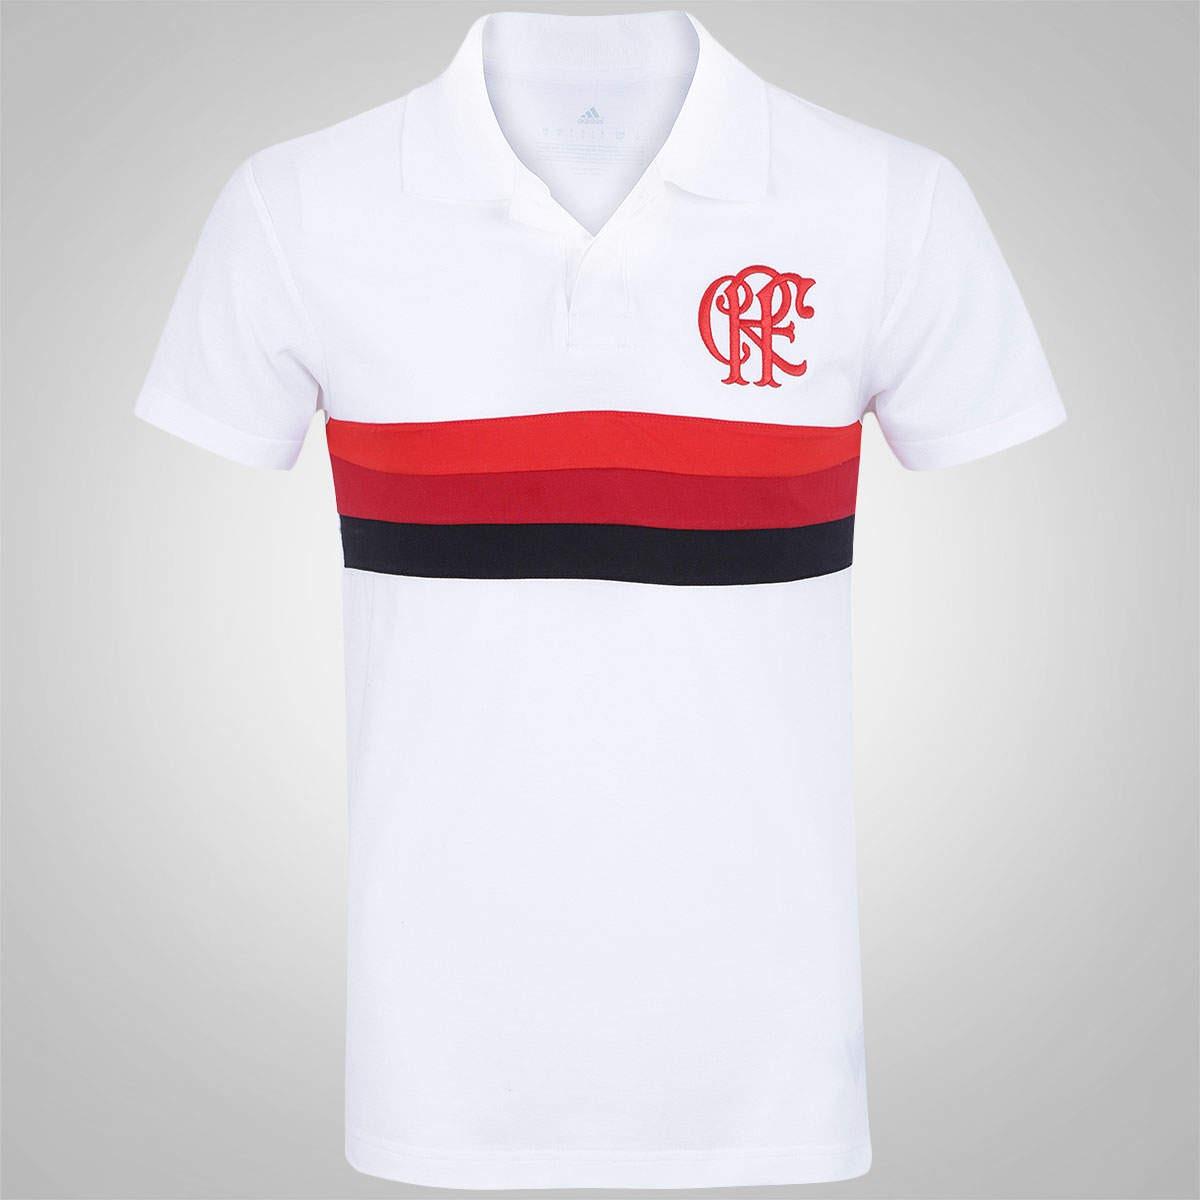 camisa polo adidas flamengo premium original branca. Carregando zoom. 9cf497ae5e516